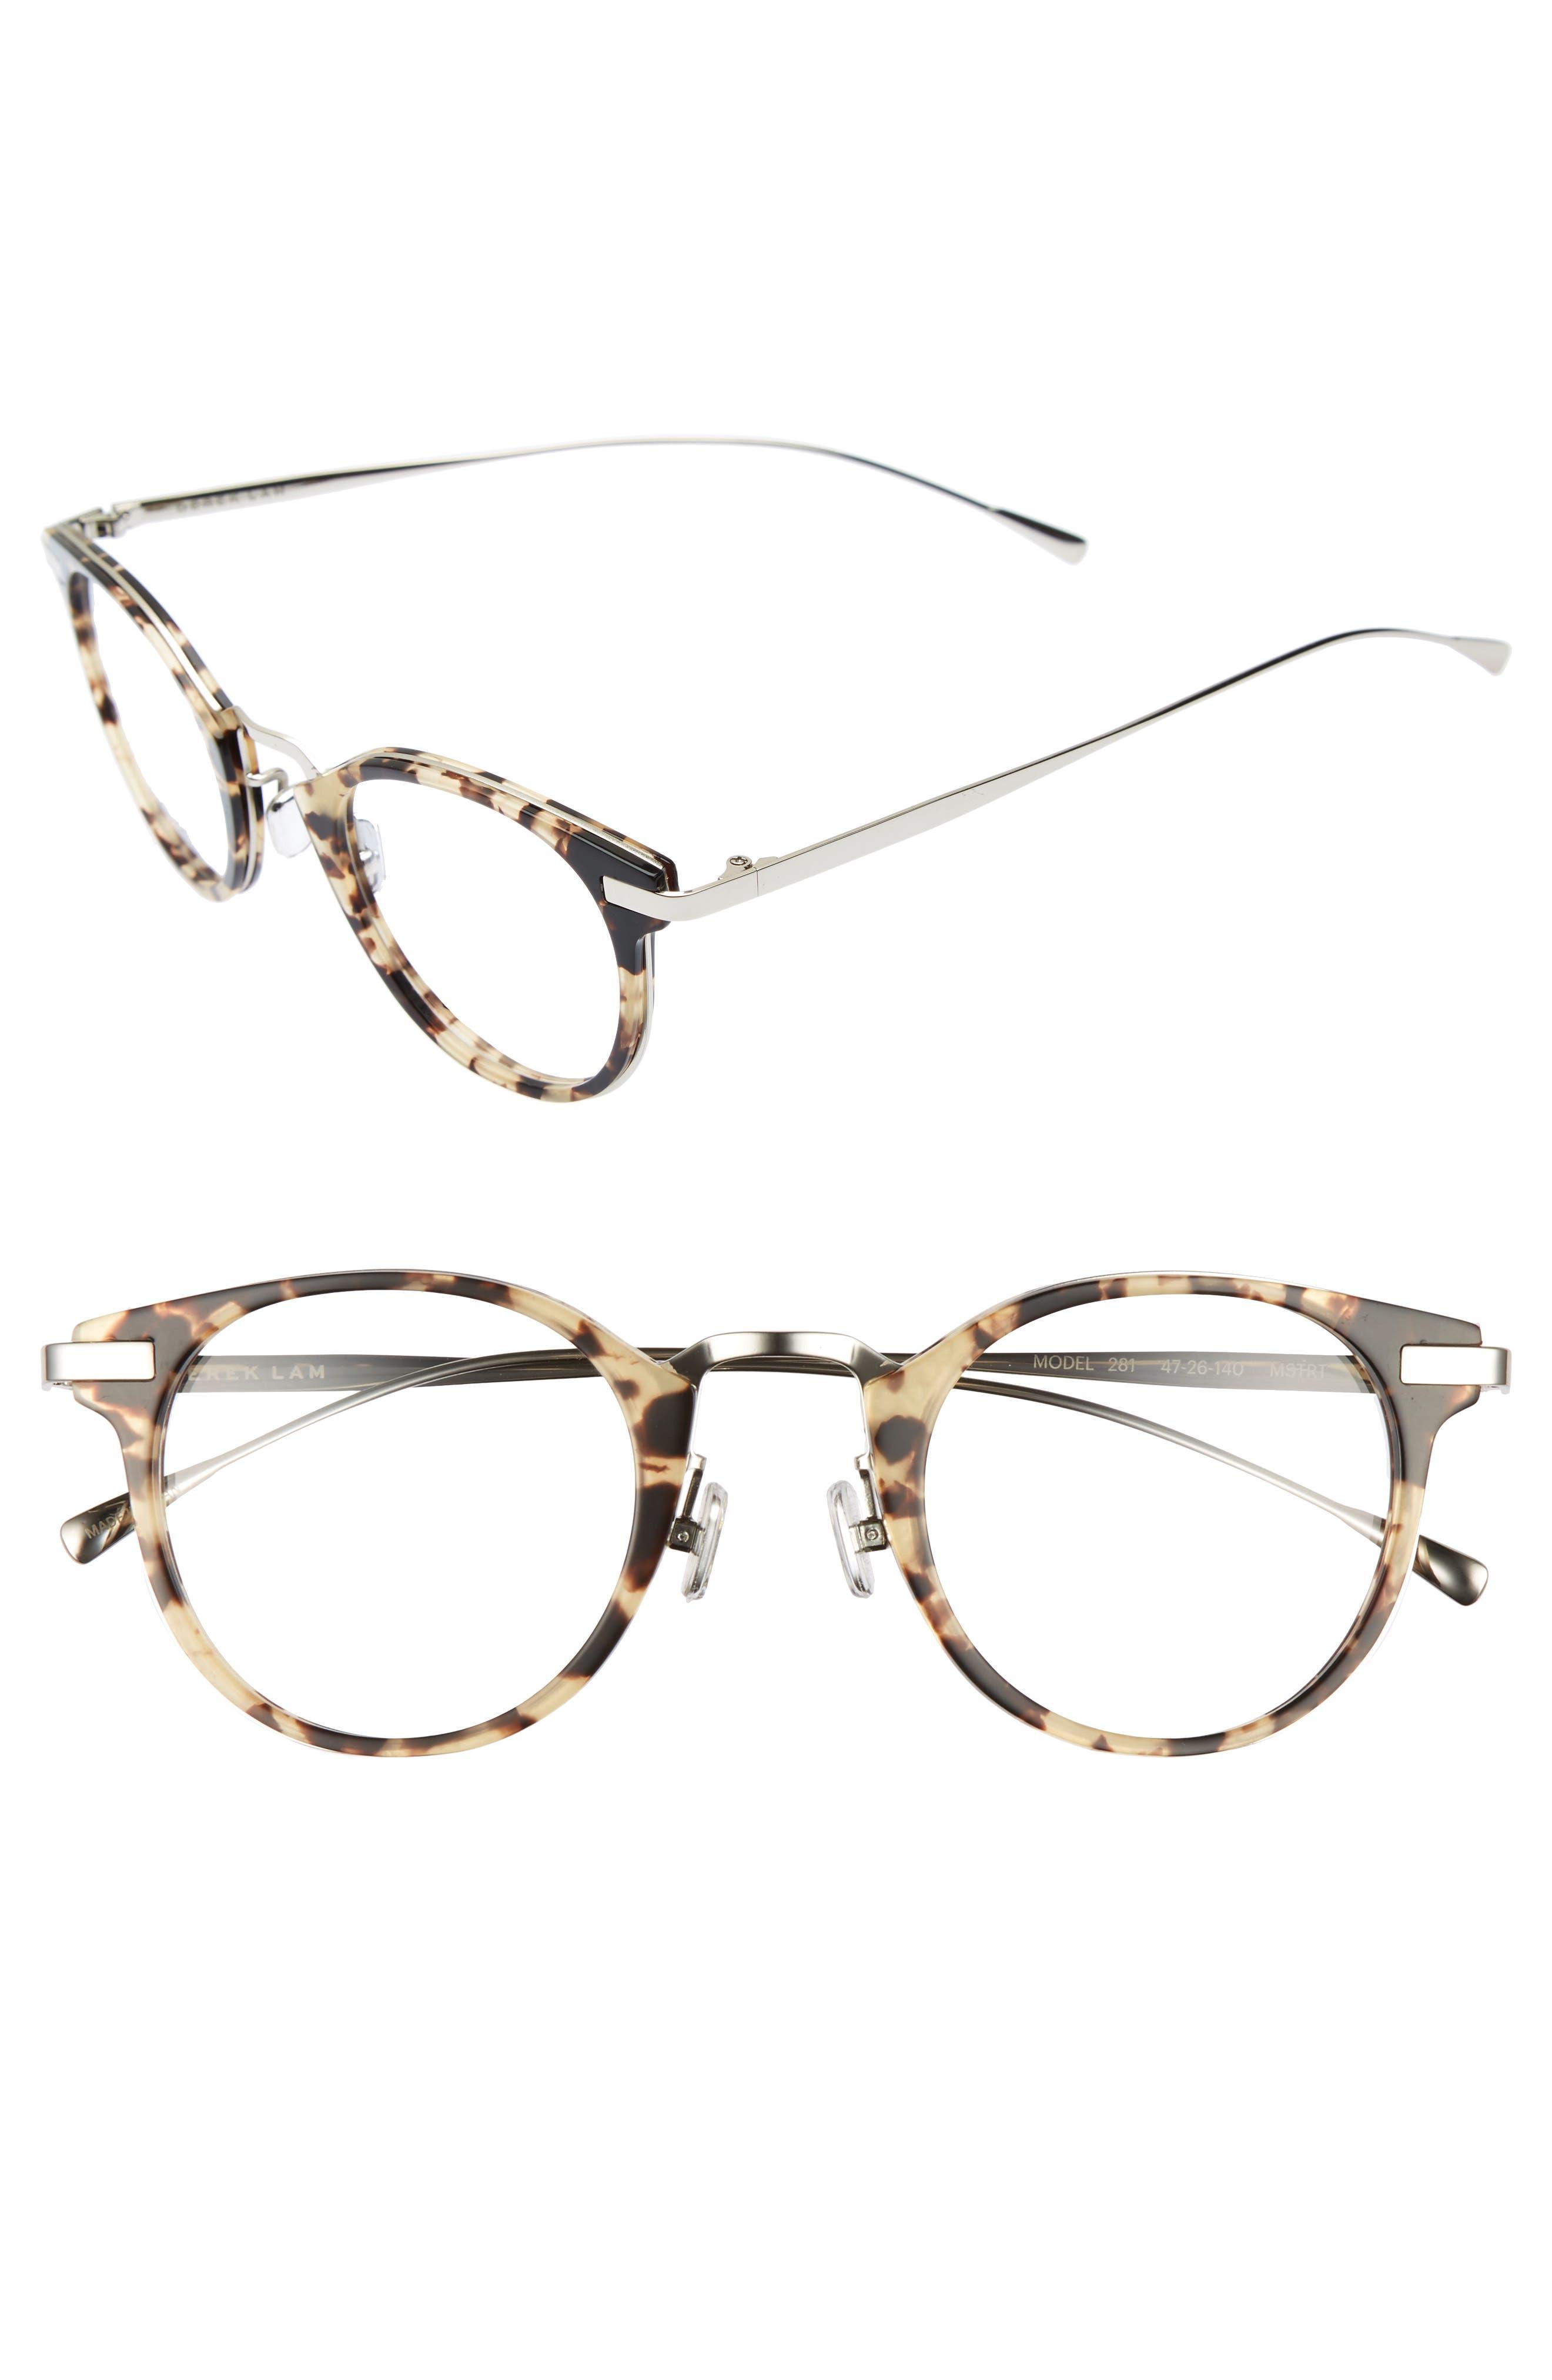 Main Image - Derek Lam 47mm Optical Glasses